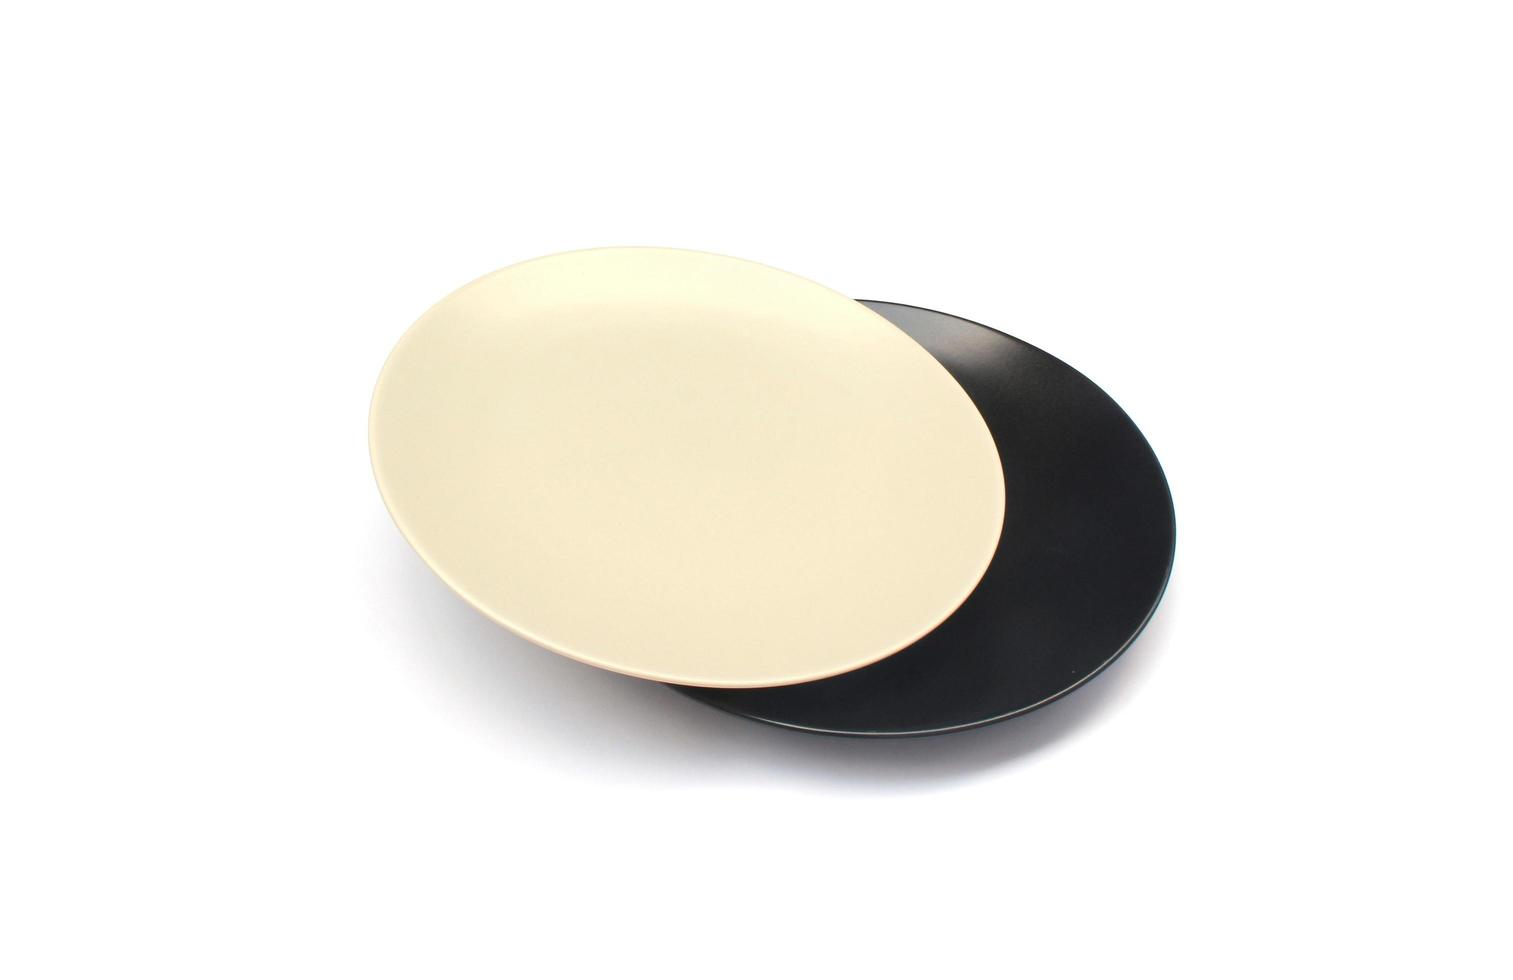 assiettes blanches et noires photo